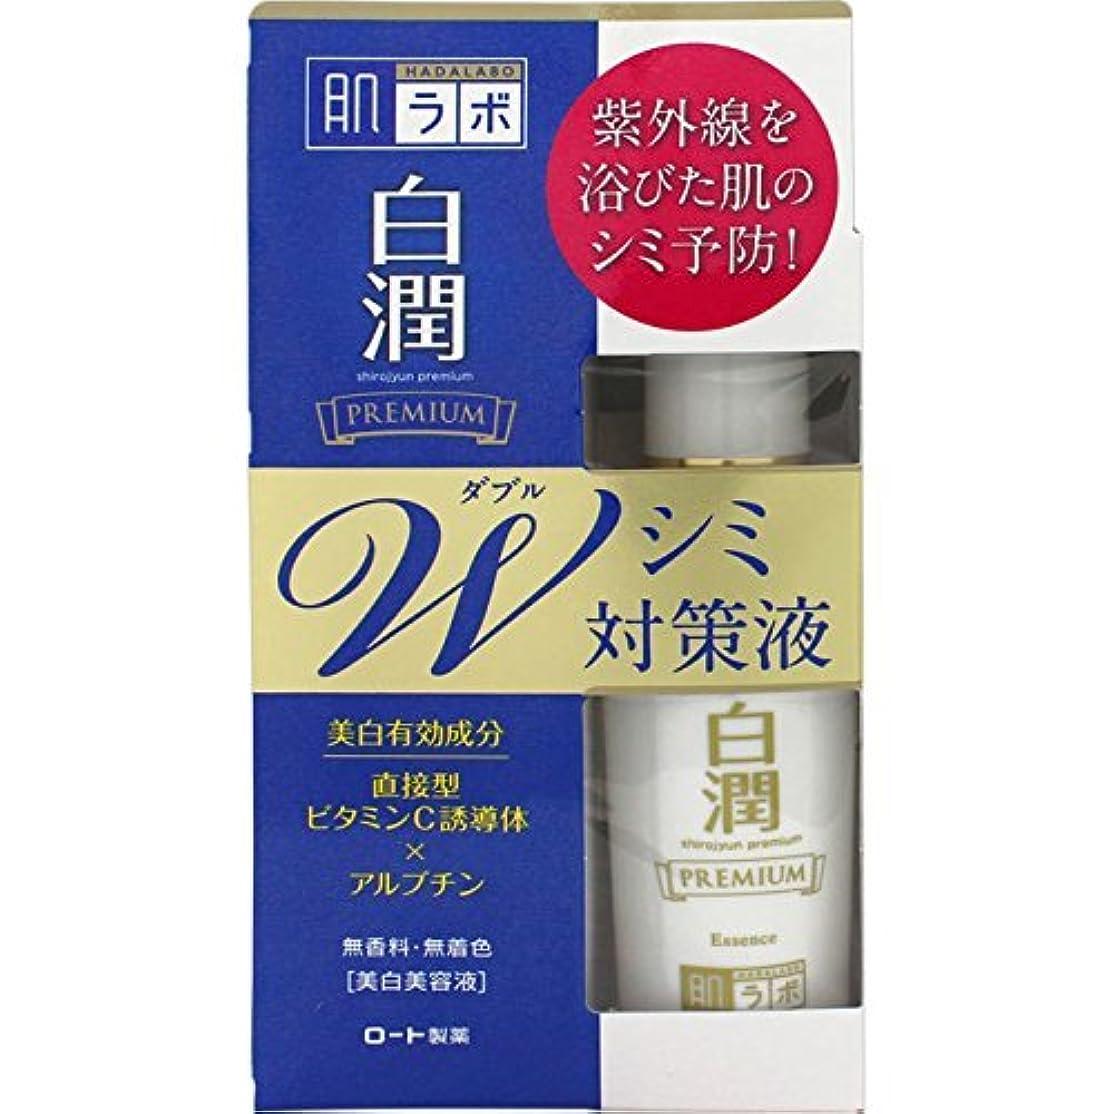 ヒゲ摂氏とげ肌ラボ 白潤 プレミアムW美白美容液 40mL (医薬部外品)×10